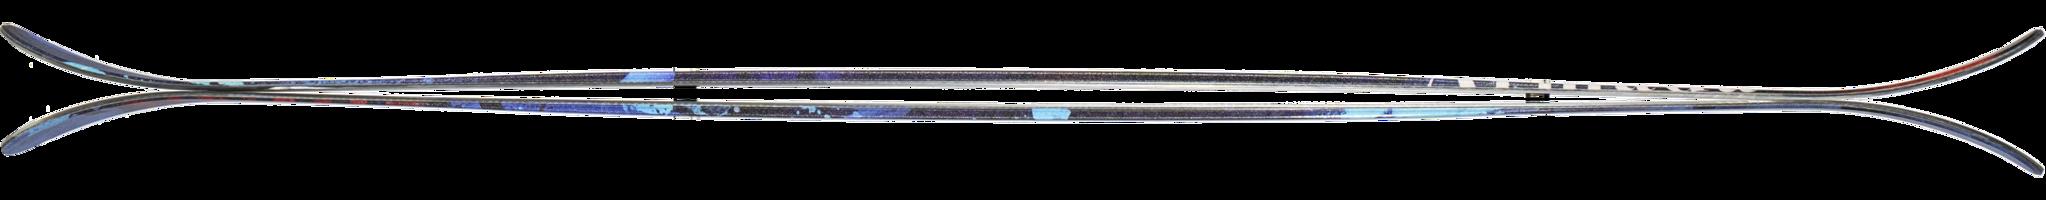 ARV 84 (135 - 149)-2